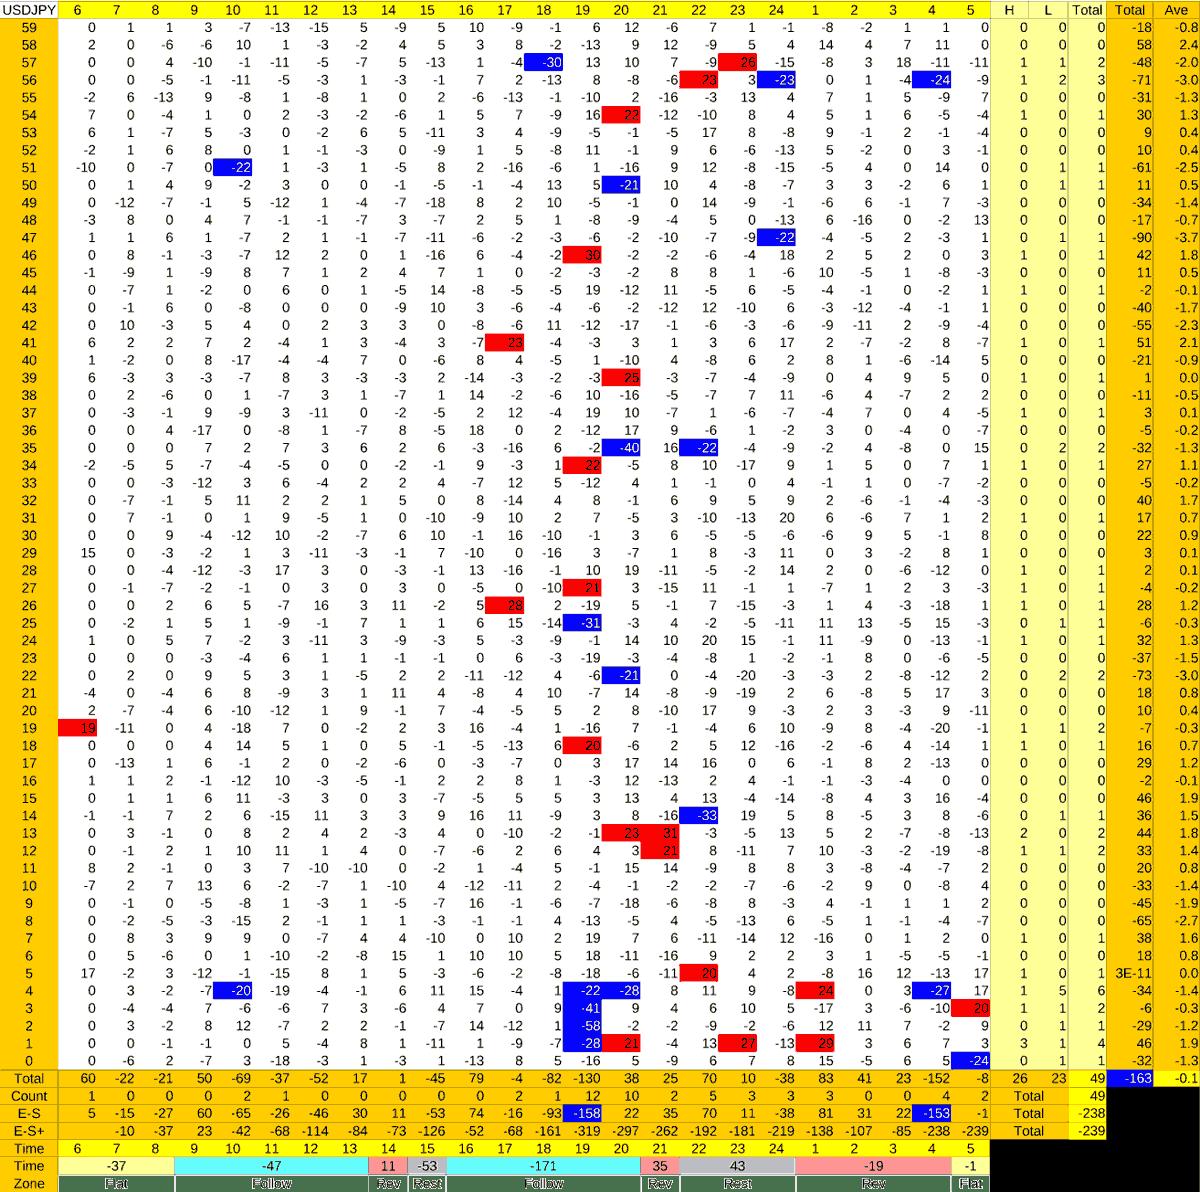 20210323_HS(1)USDJPY-min